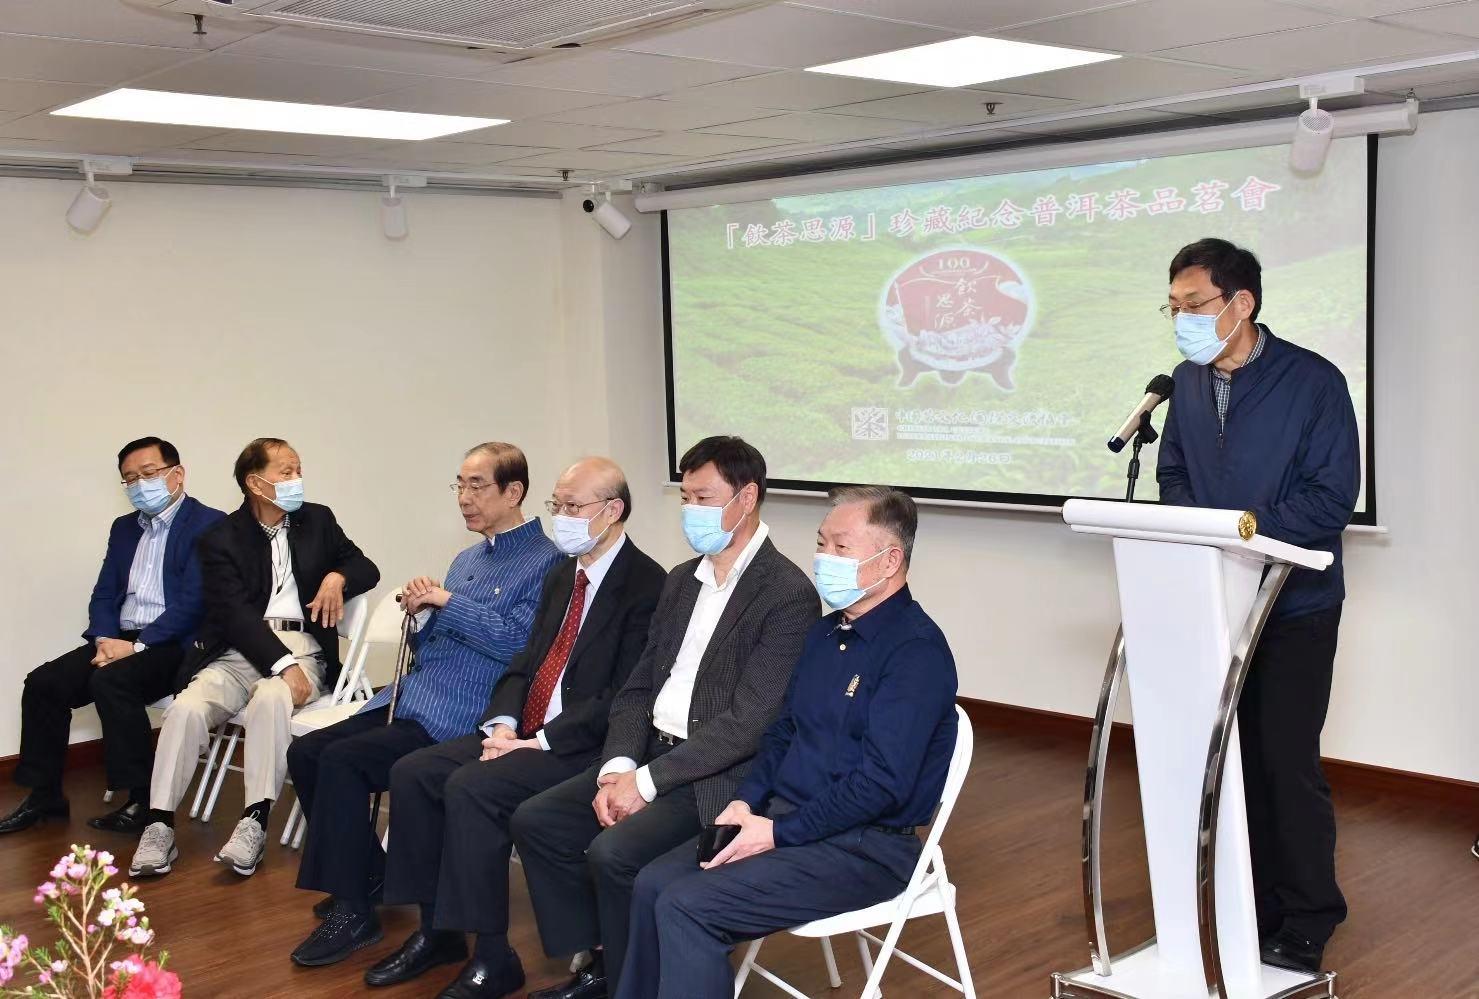 本會顧問、大文集團董事長姜在忠先生發表致辭